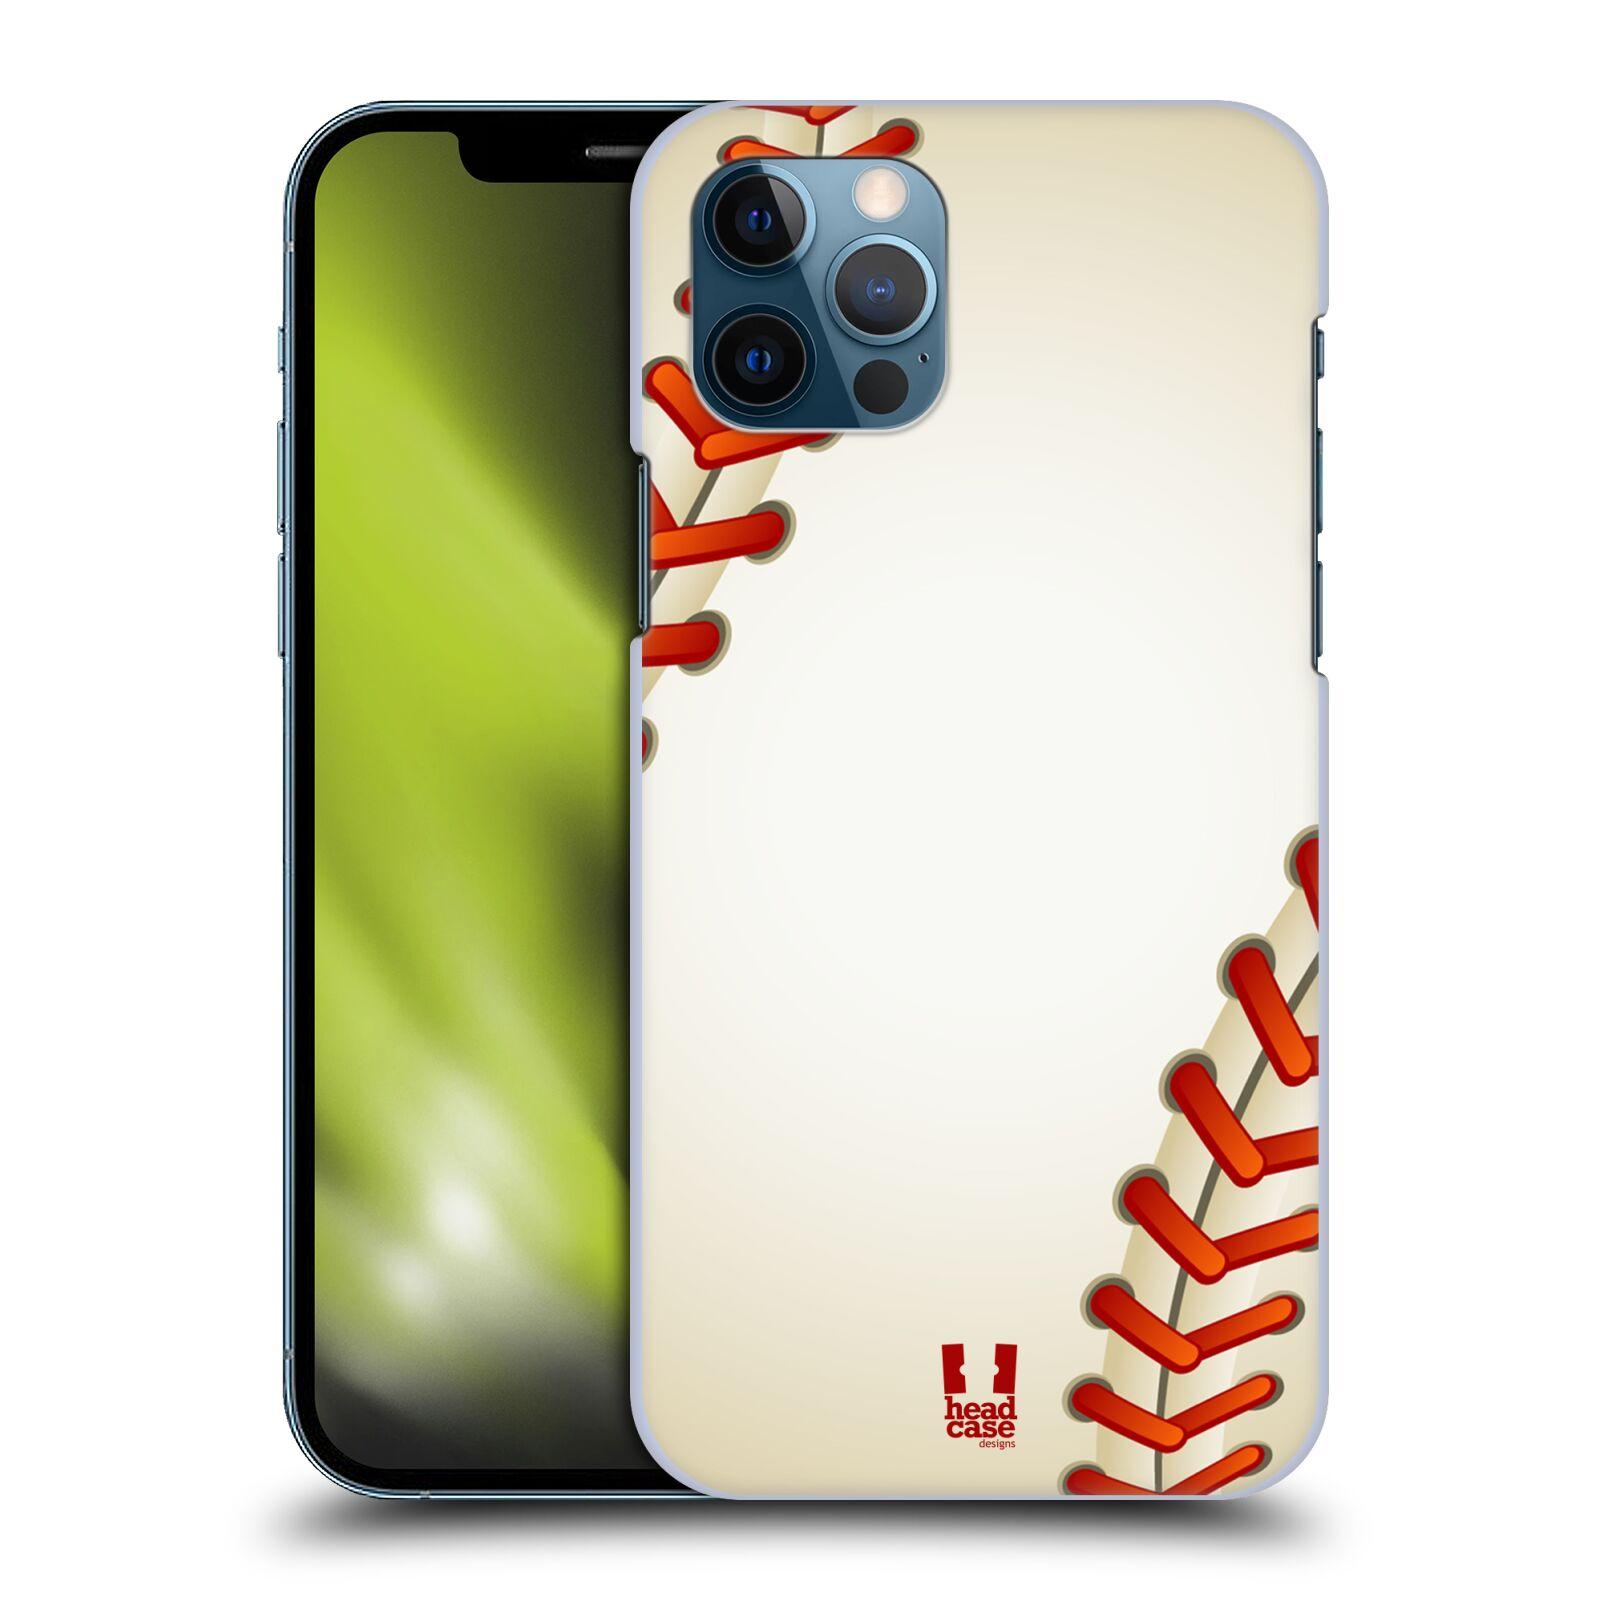 Plastové pouzdro na mobil Apple iPhone 12 / 12 Pro - Head Case - Baseballový míček